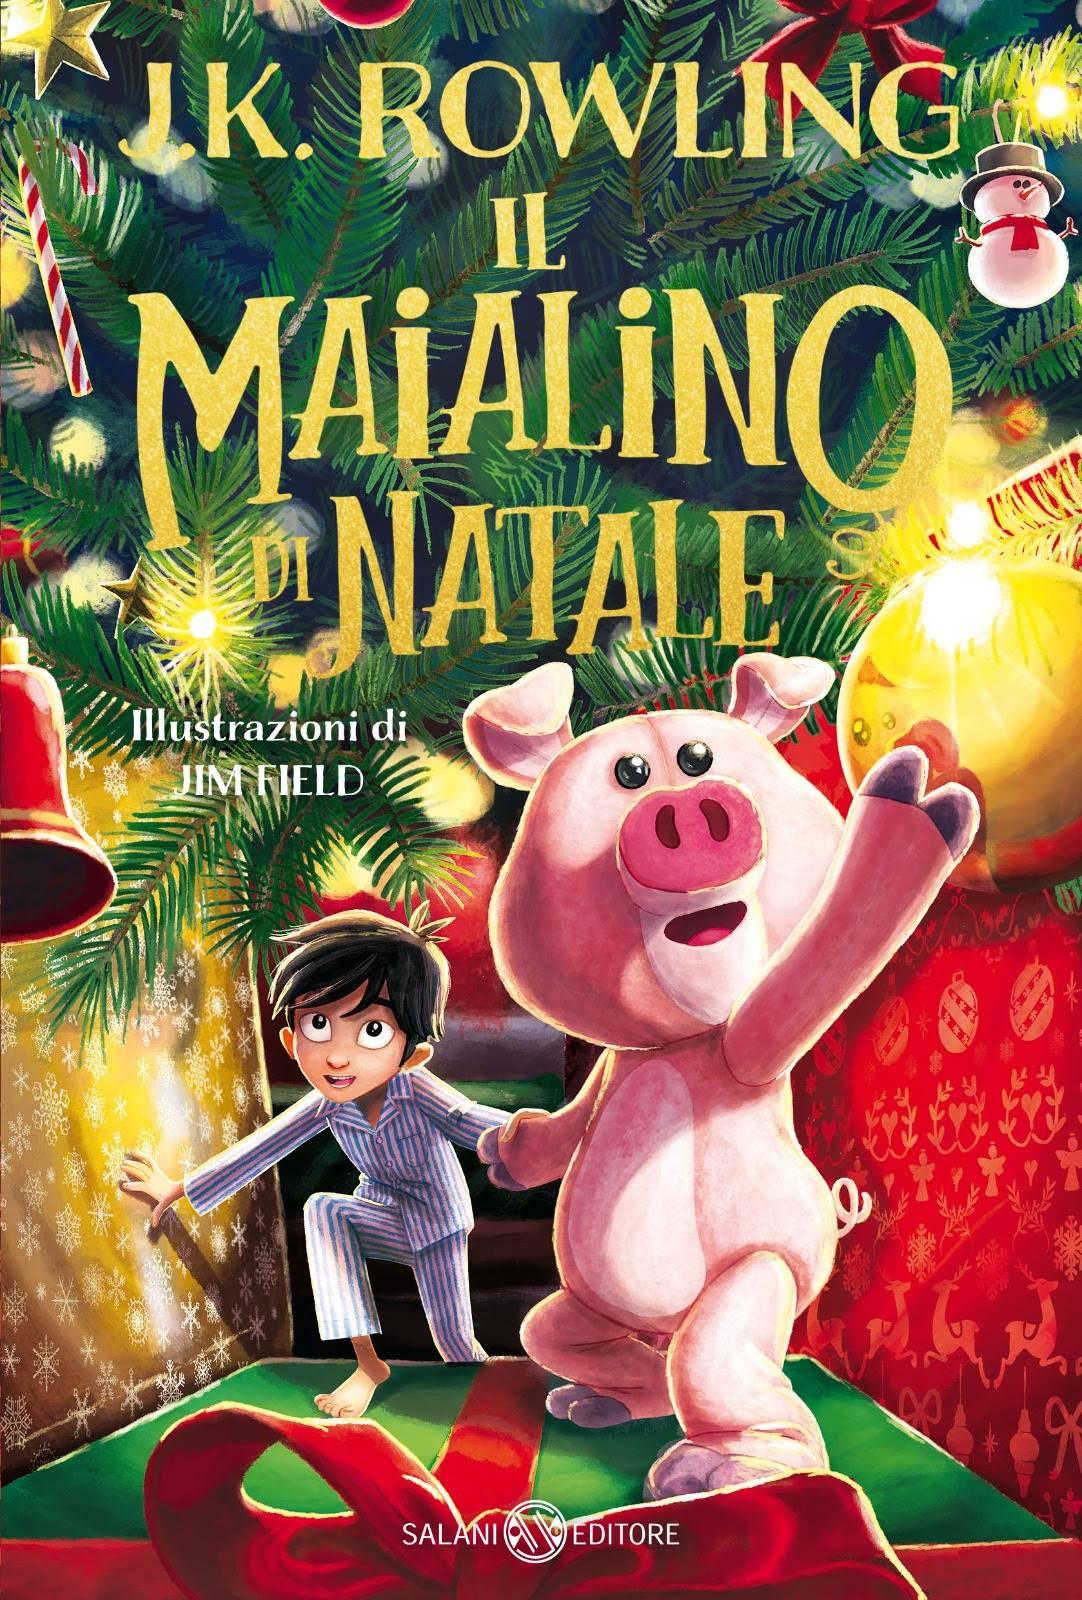 J.K. Rowling - 'Il maialino di Natale' in libreria dal 12 ottobre